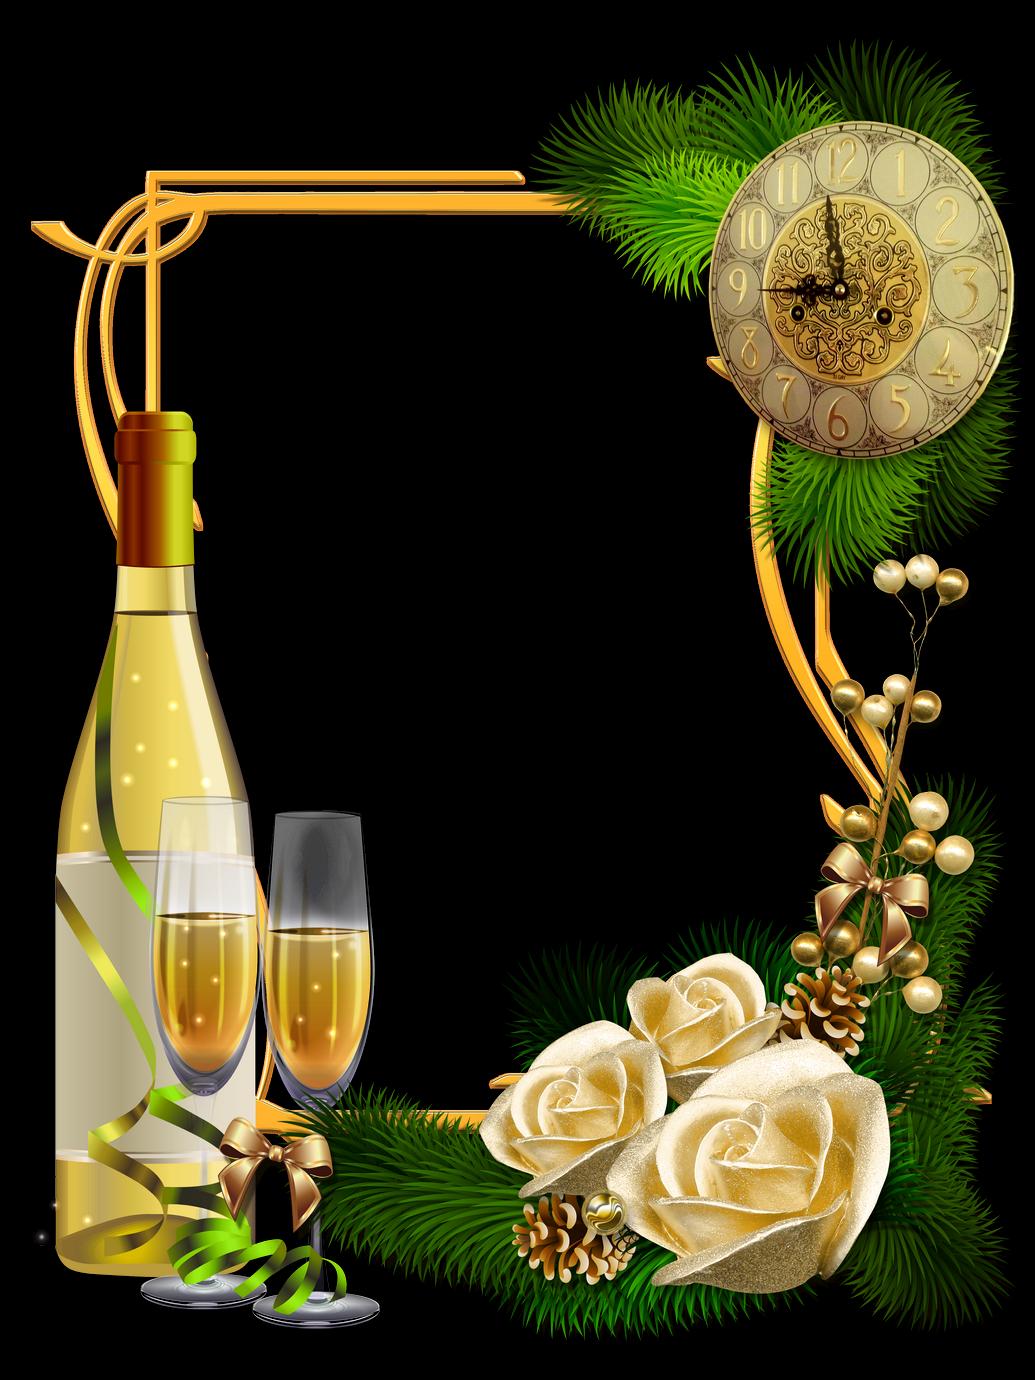 marco de navidad y año nuevo | FELIZ AÑO 2018 | Pinterest | Fotos de ...